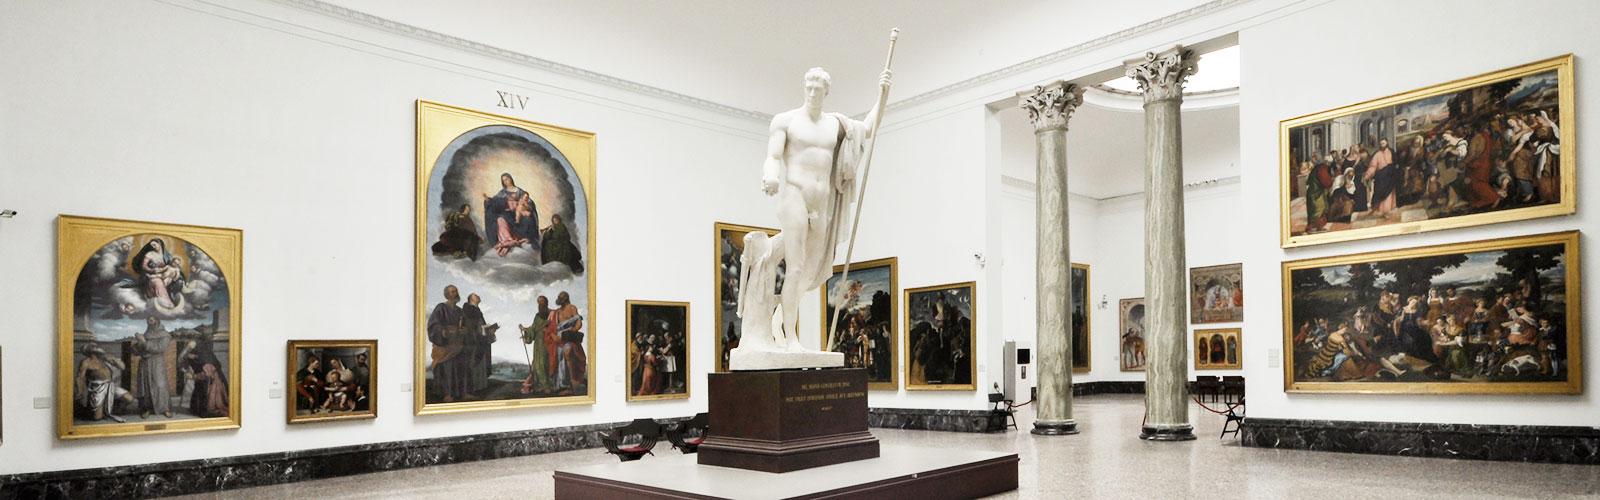 Quinto riallestimento della Pinacoteca di Brera